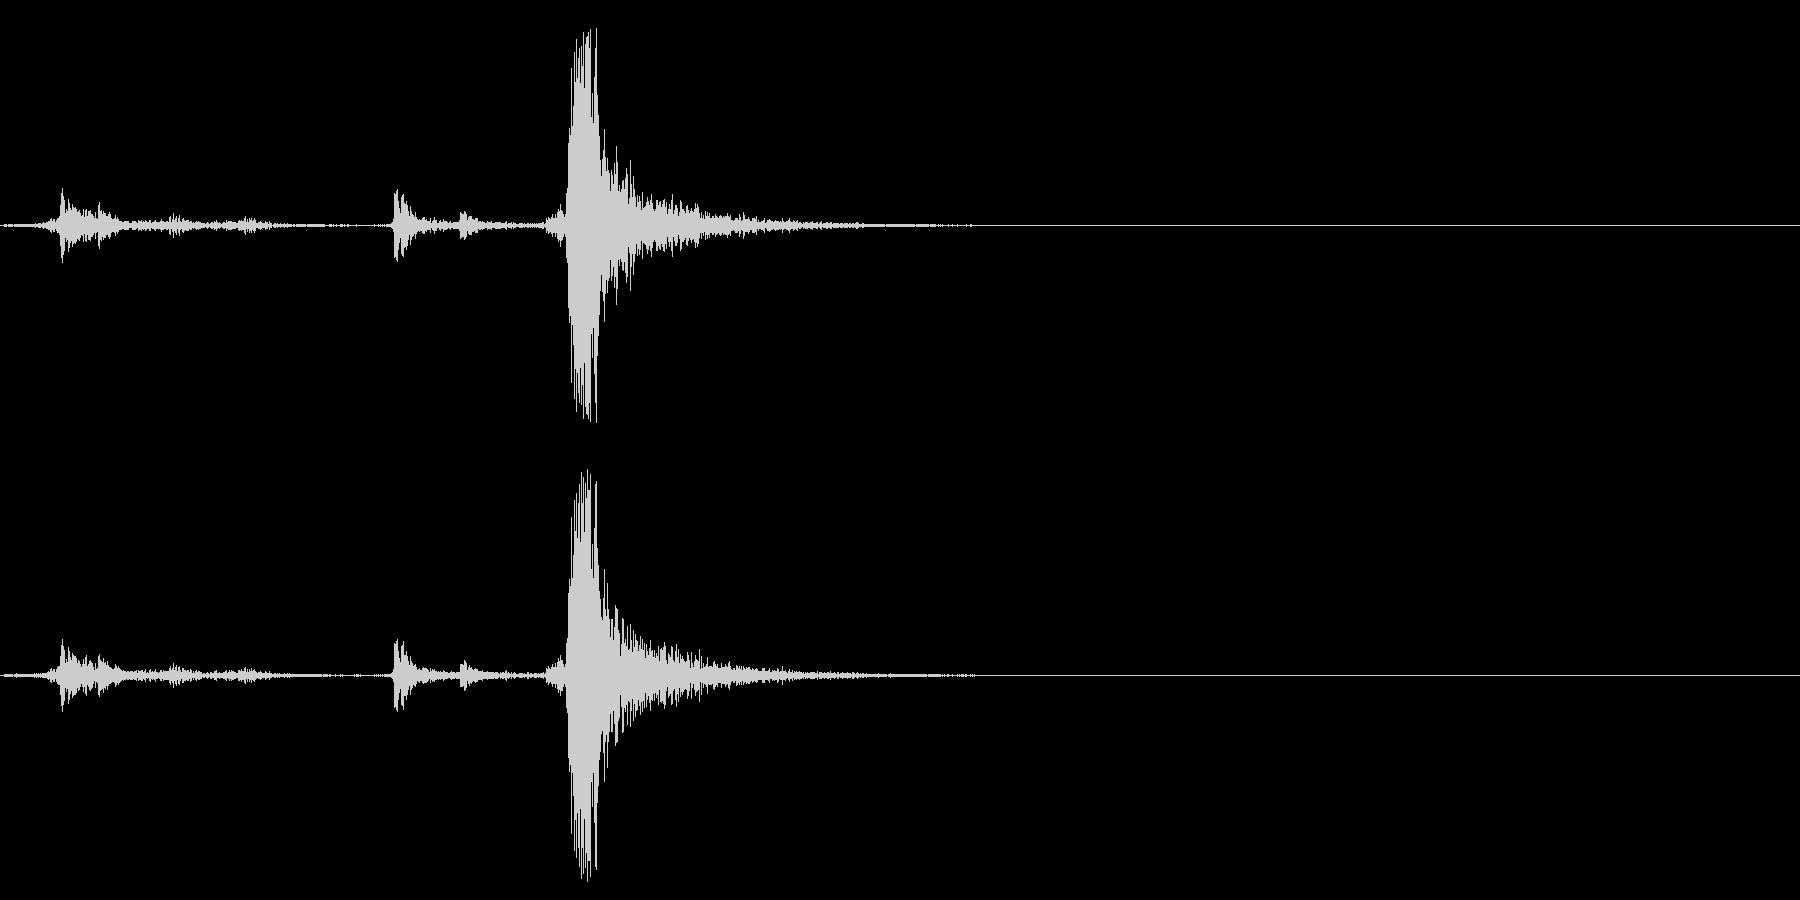 [生音]カシャッ、銃弾を装填する音04の未再生の波形